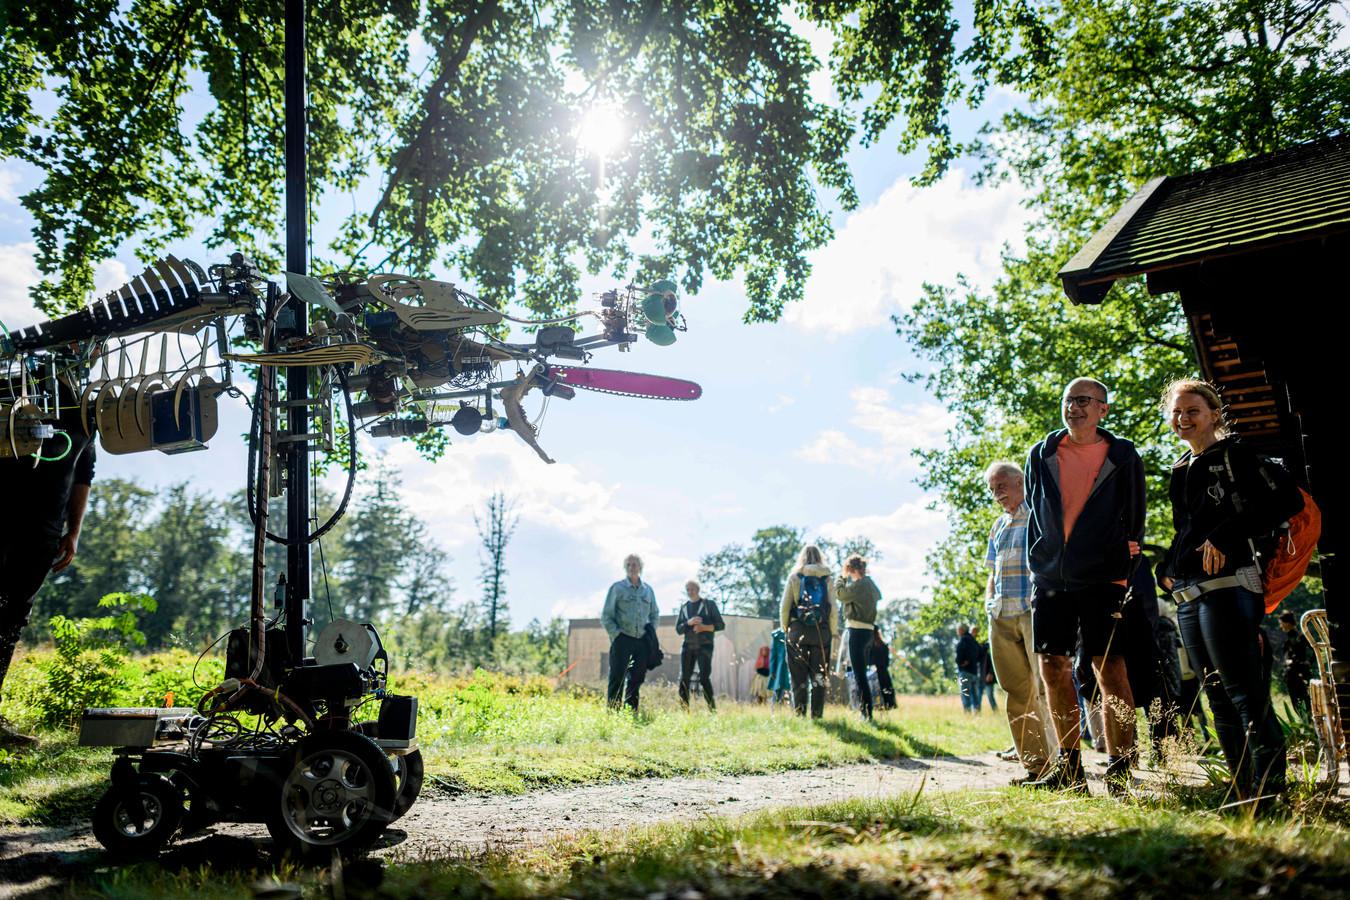 Festival Heimland is vanwege corona uitgesmeerd over meerdere weekenden in de vakantie. Zondag was er een picknick met optredens in de tuin van Kasteel Nijenhuis.